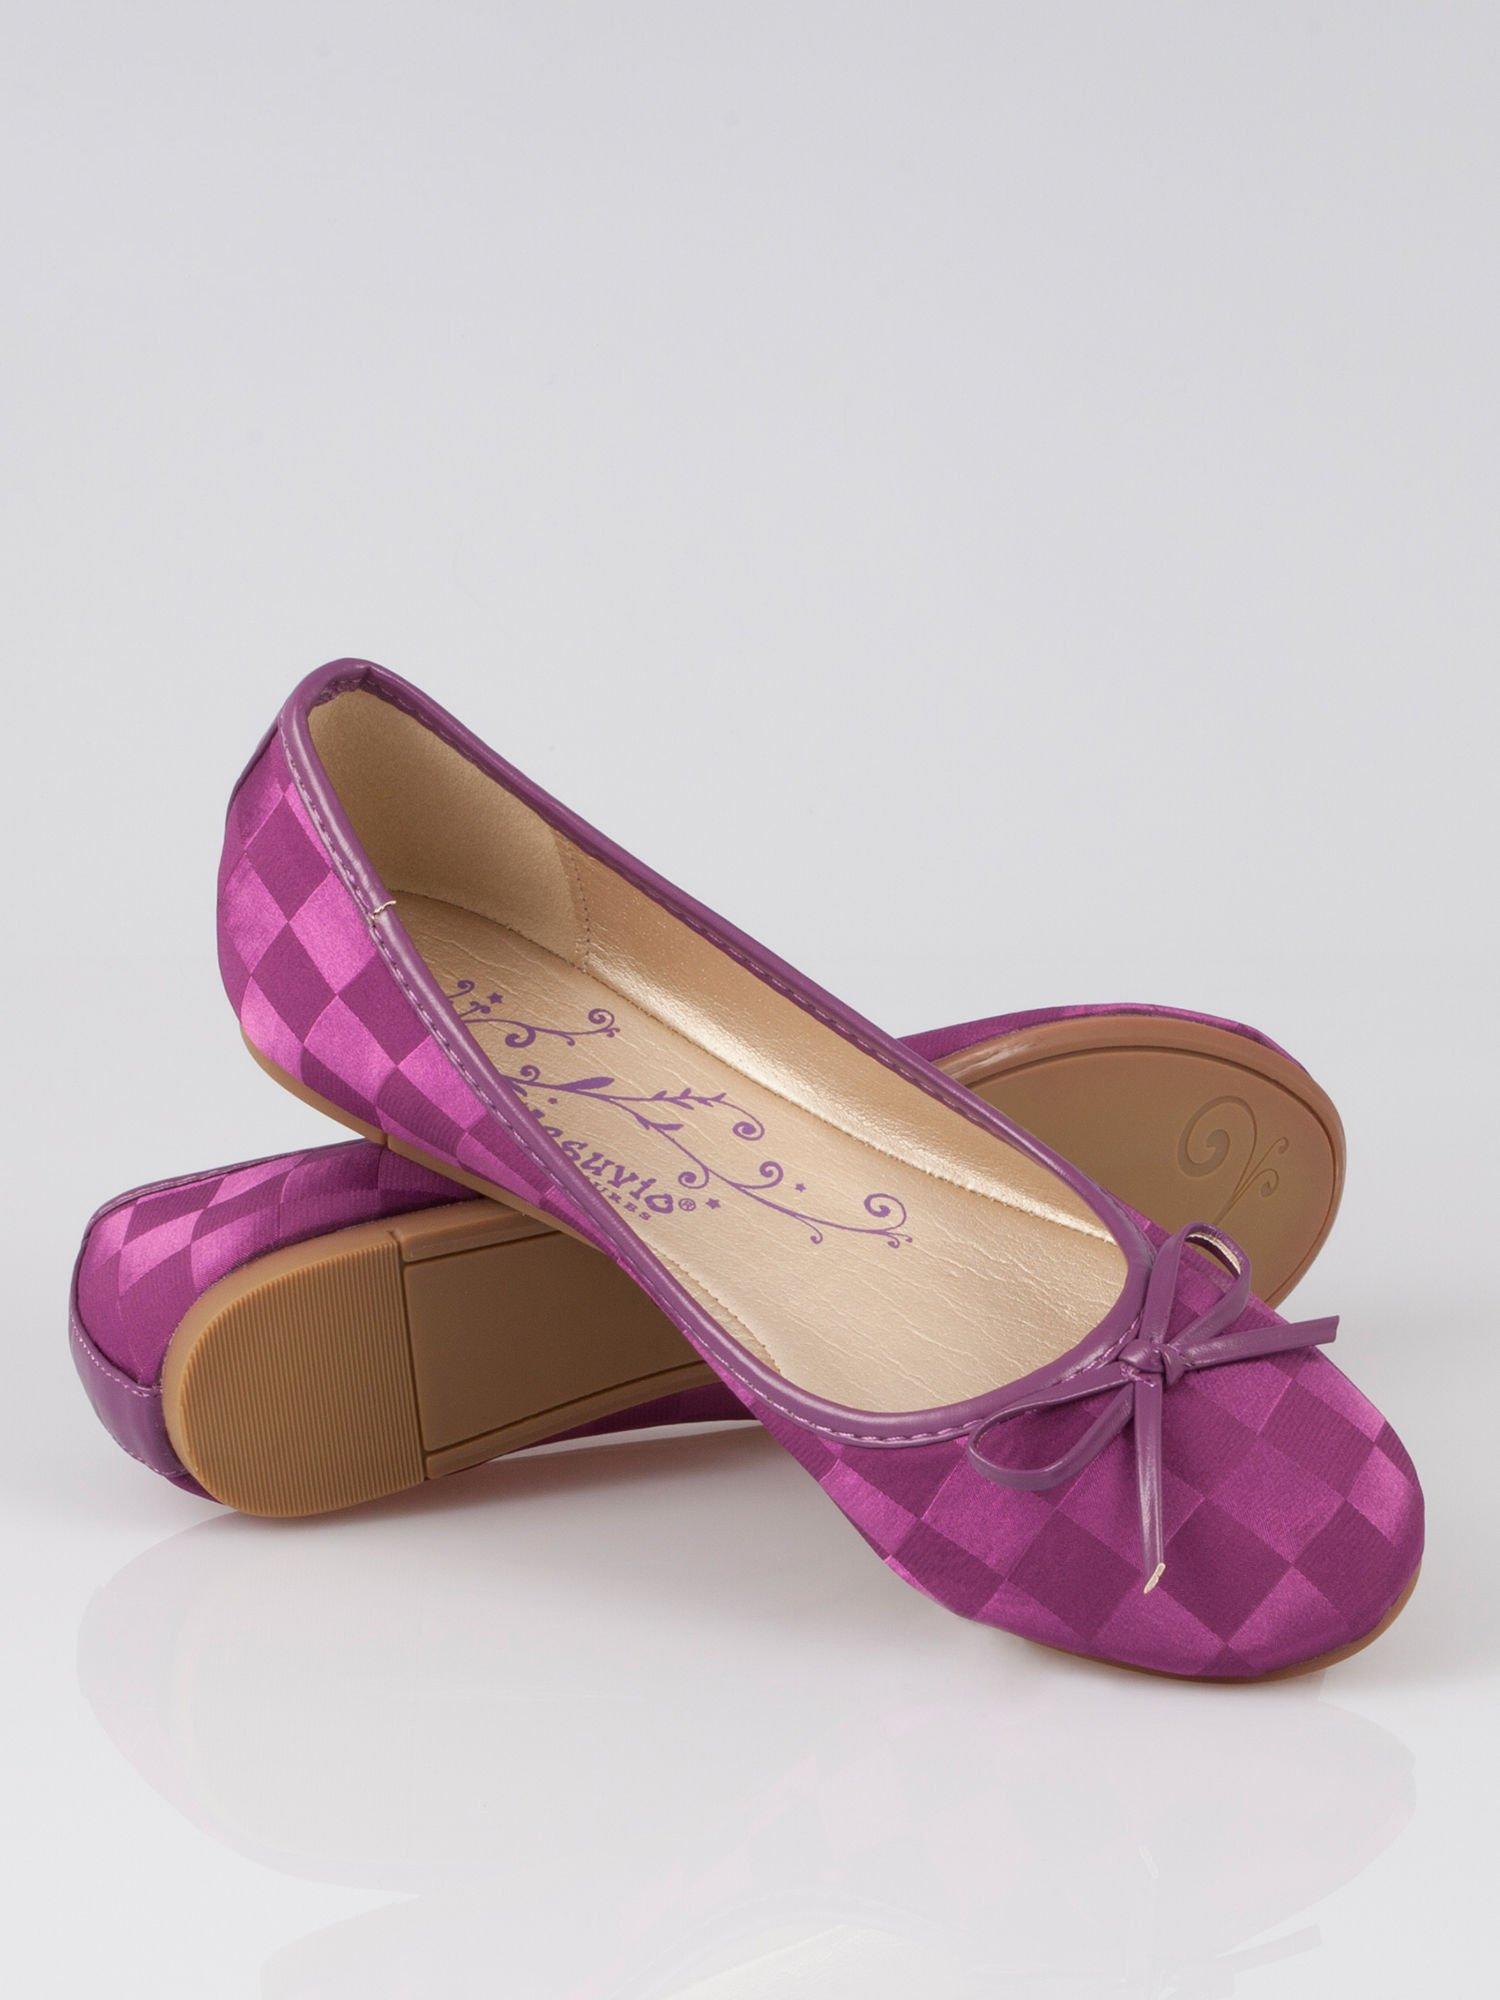 Purpurowe baleriny Satin Check z motywem szachownicy                                  zdj.                                  3